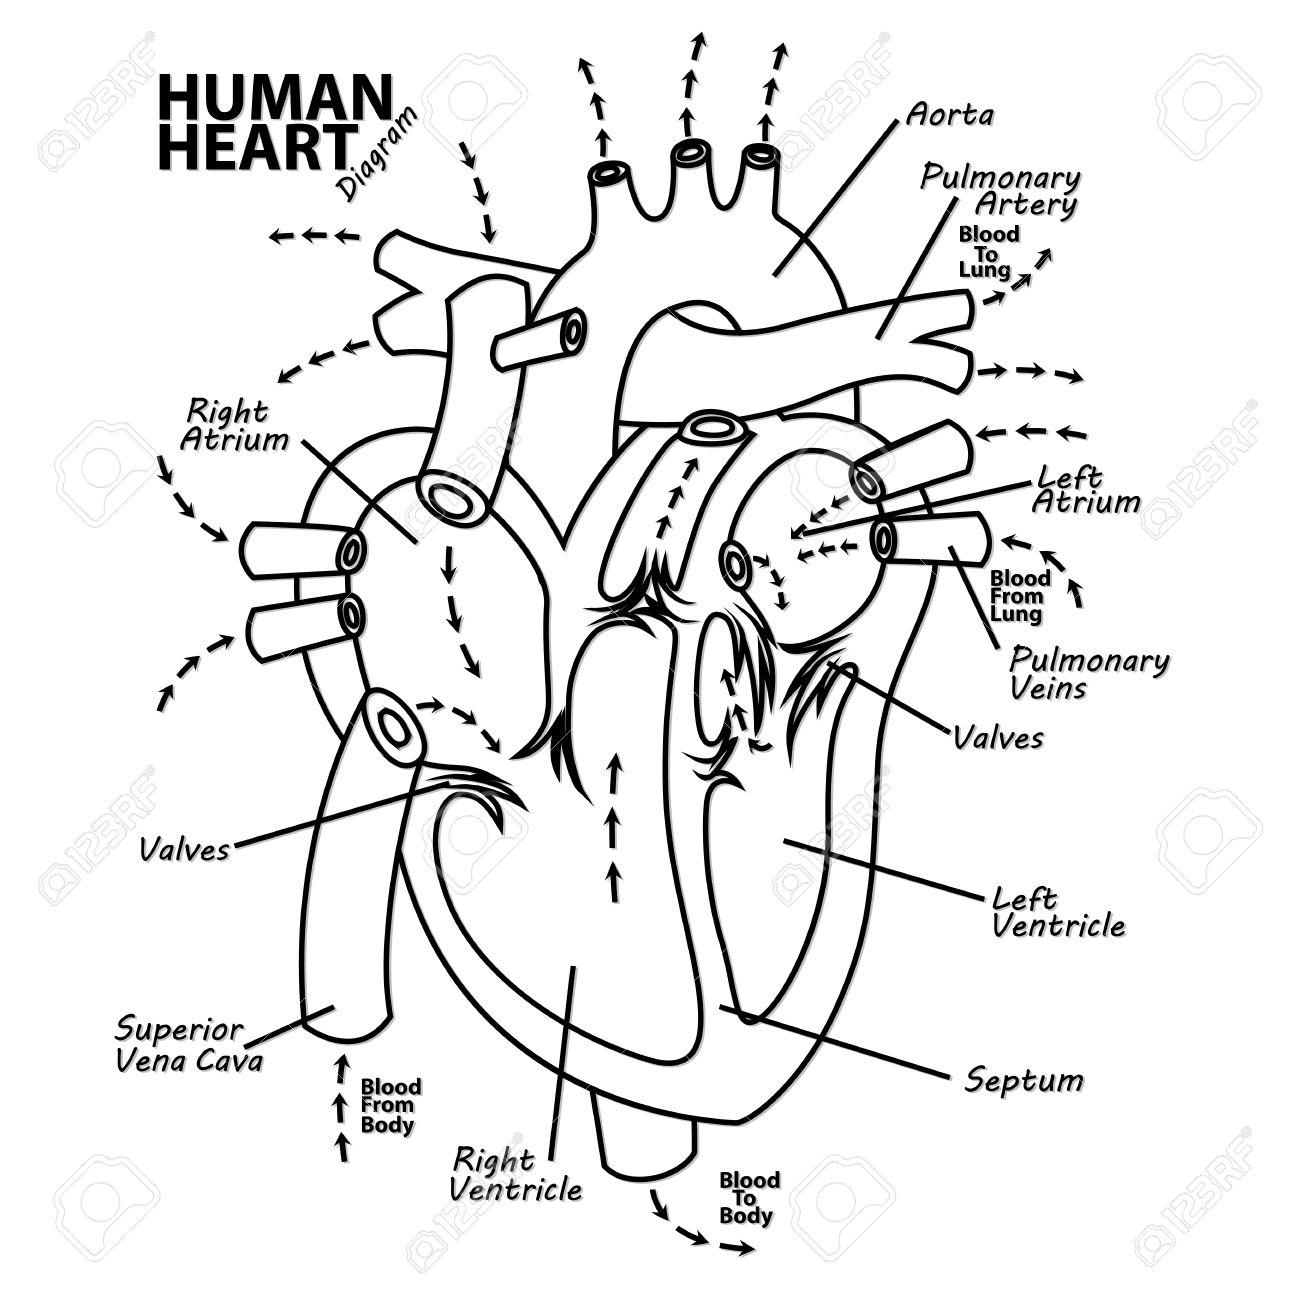 Das Menschliche Herz Diagramm Anatomie Tätowierung Lizenzfrei ...